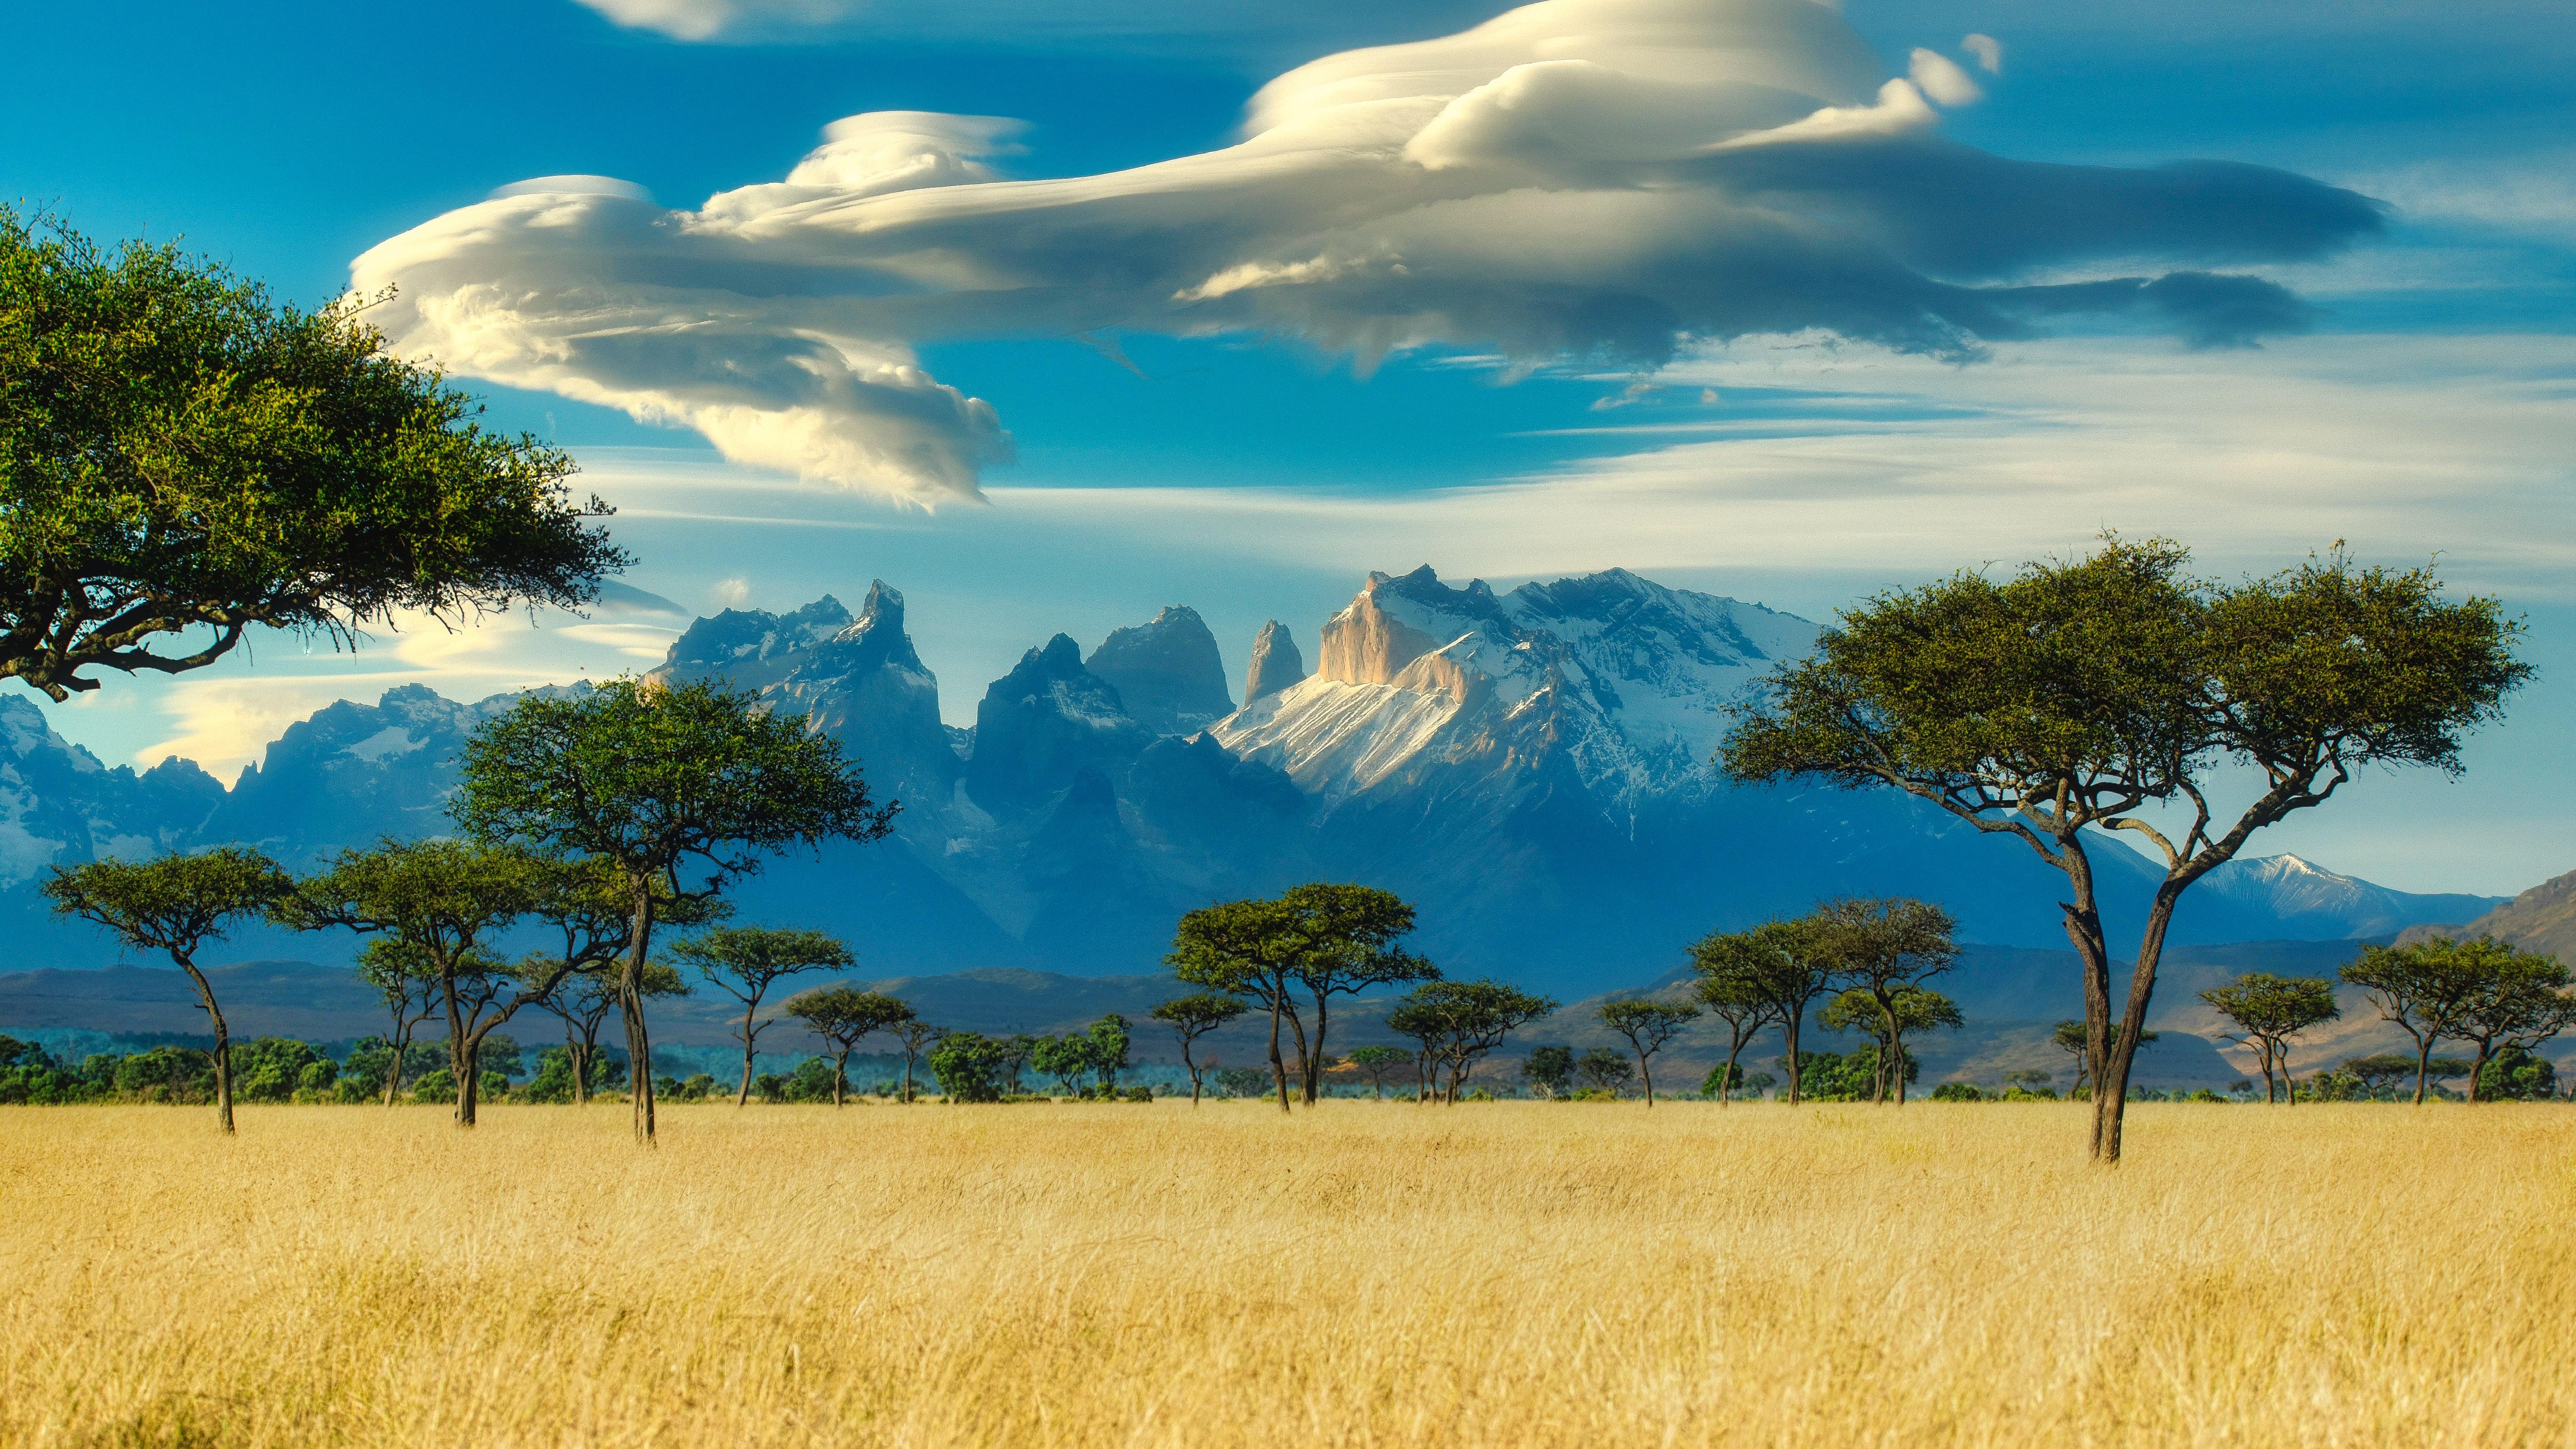 69207 Protetores de tela e papéis de parede Montanhas em seu telefone. Baixe Montanhas, Paisagem, Natureza, Árvores, Savana, Campo fotos gratuitamente